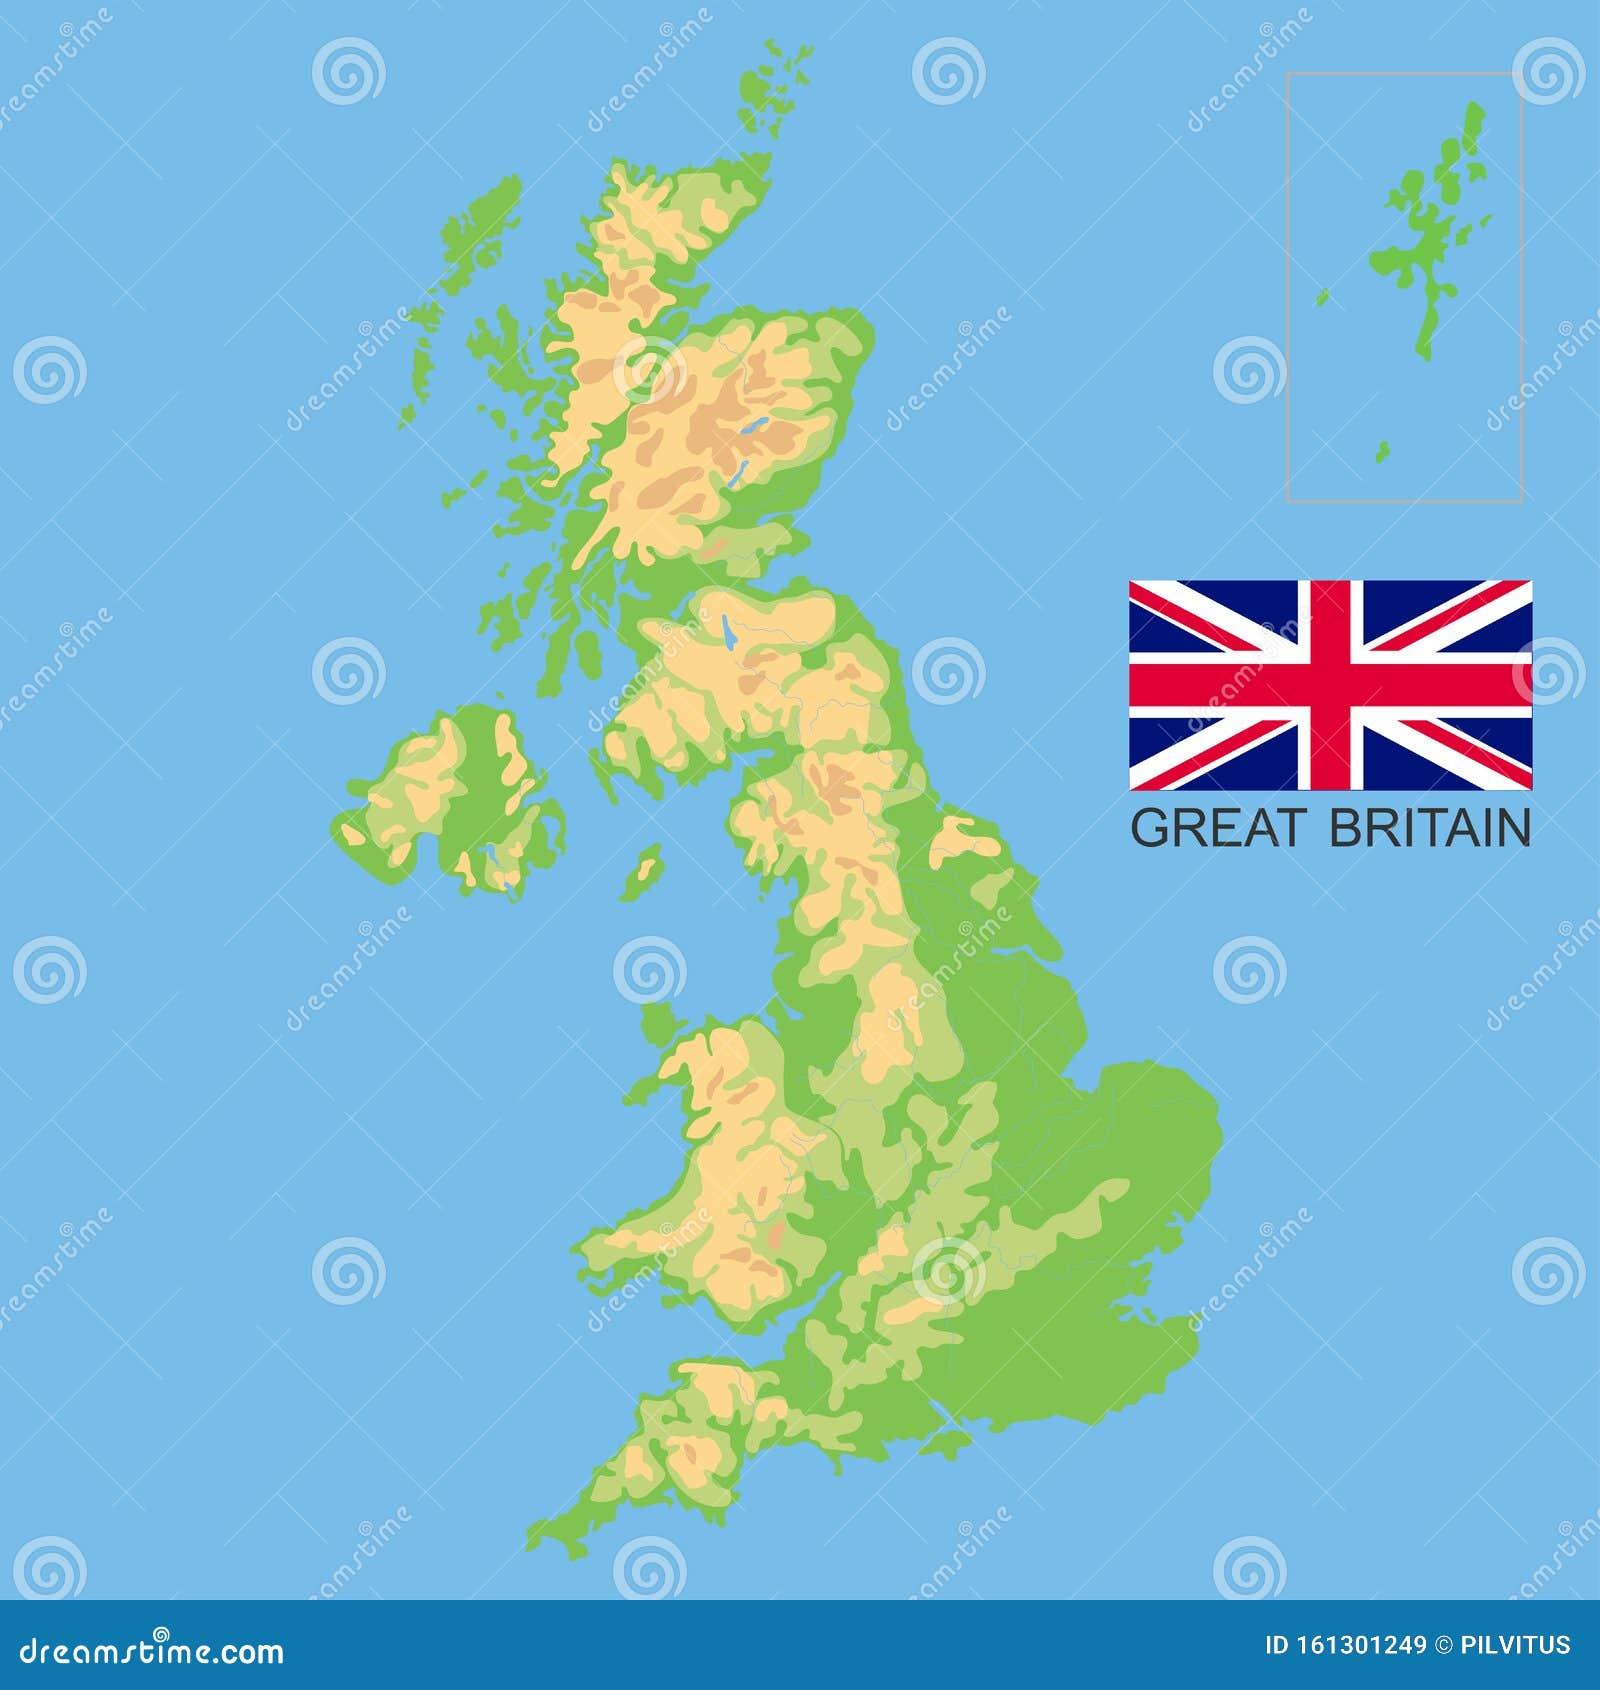 Immagini Della Cartina Della Gran Bretagna.Regno Unito Mappa Fisica Dettagliata Della Gran Bretagna Colorata In Base All Elevazione Con Fiumi Laghi Montagne Illustrazione Vettoriale Illustrazione Di Naturalizzato Modificabile 161301249